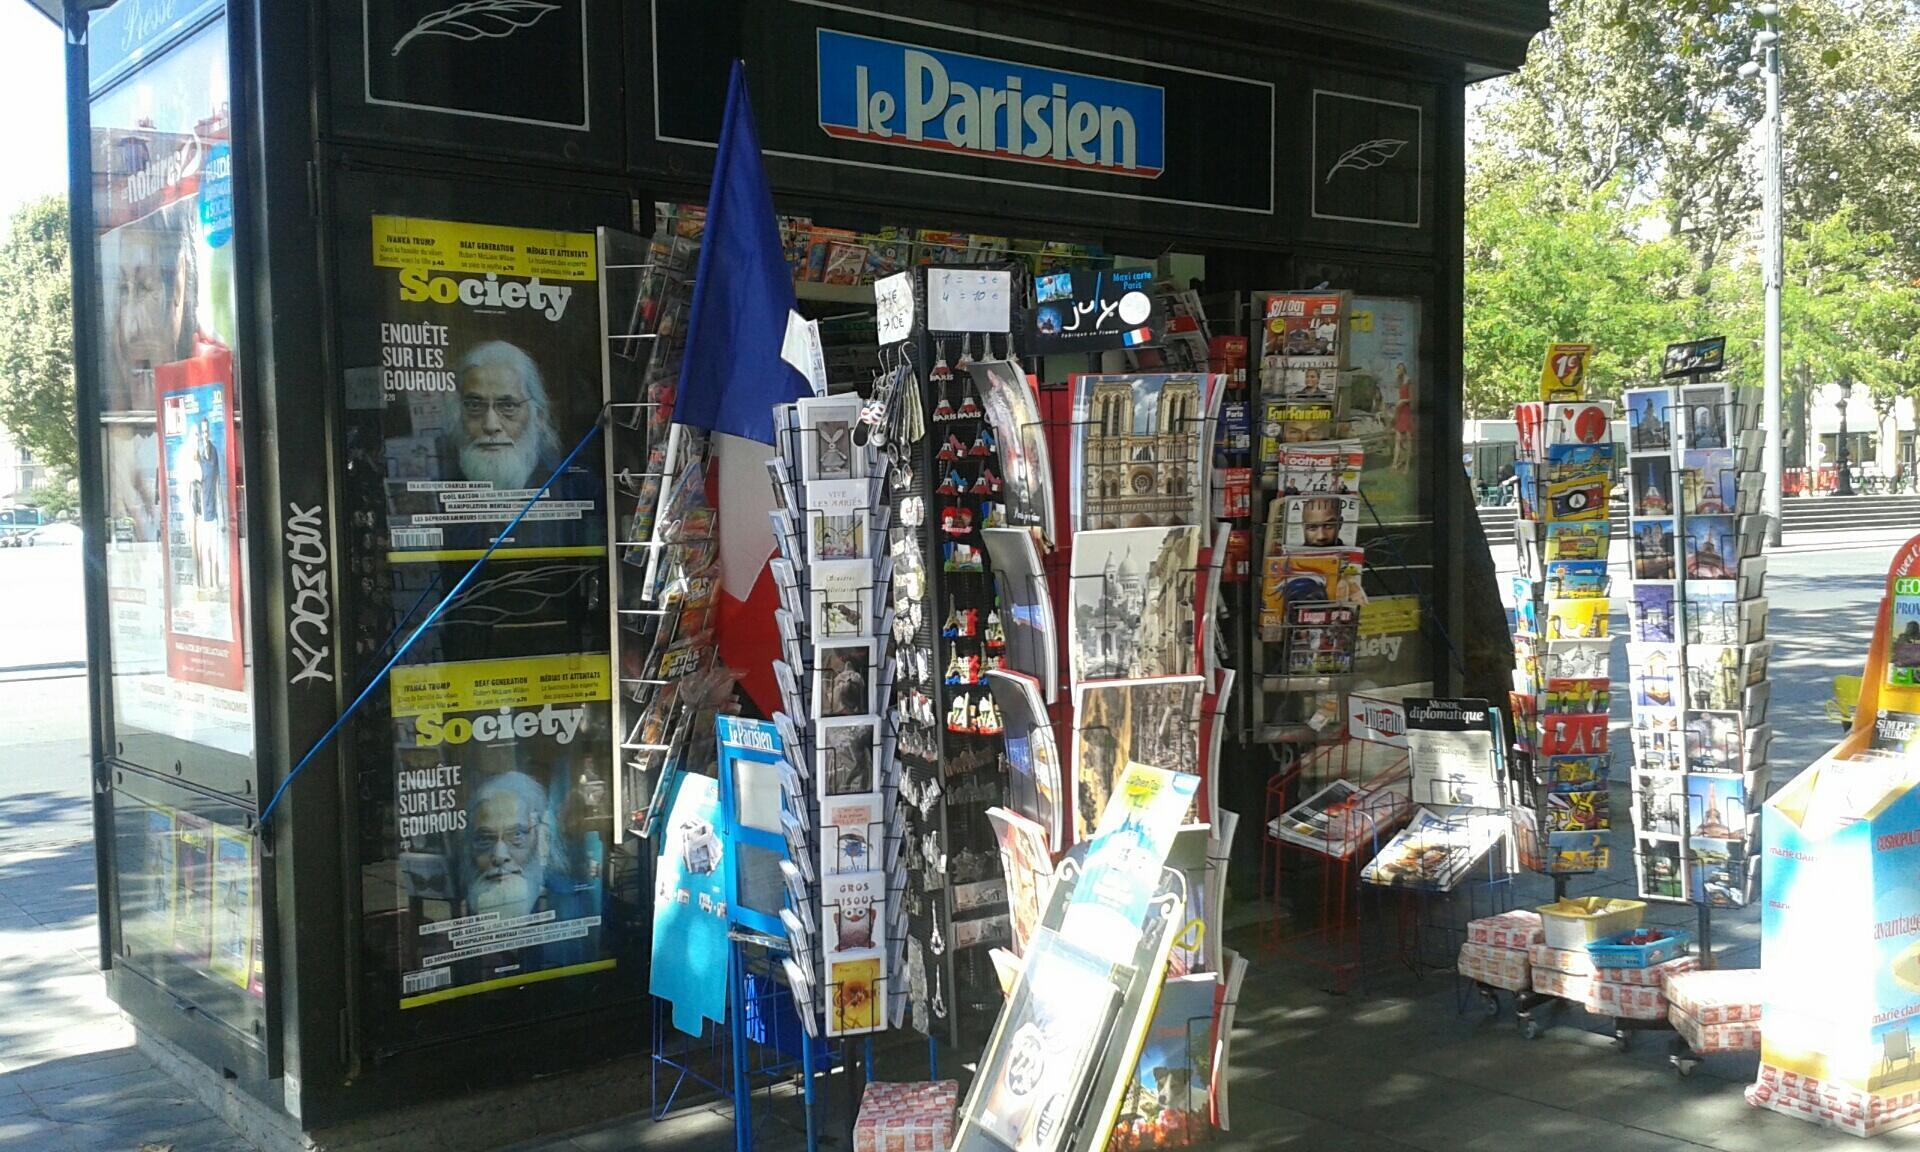 كشك الجرائد بساحة الجمهورية بباريس